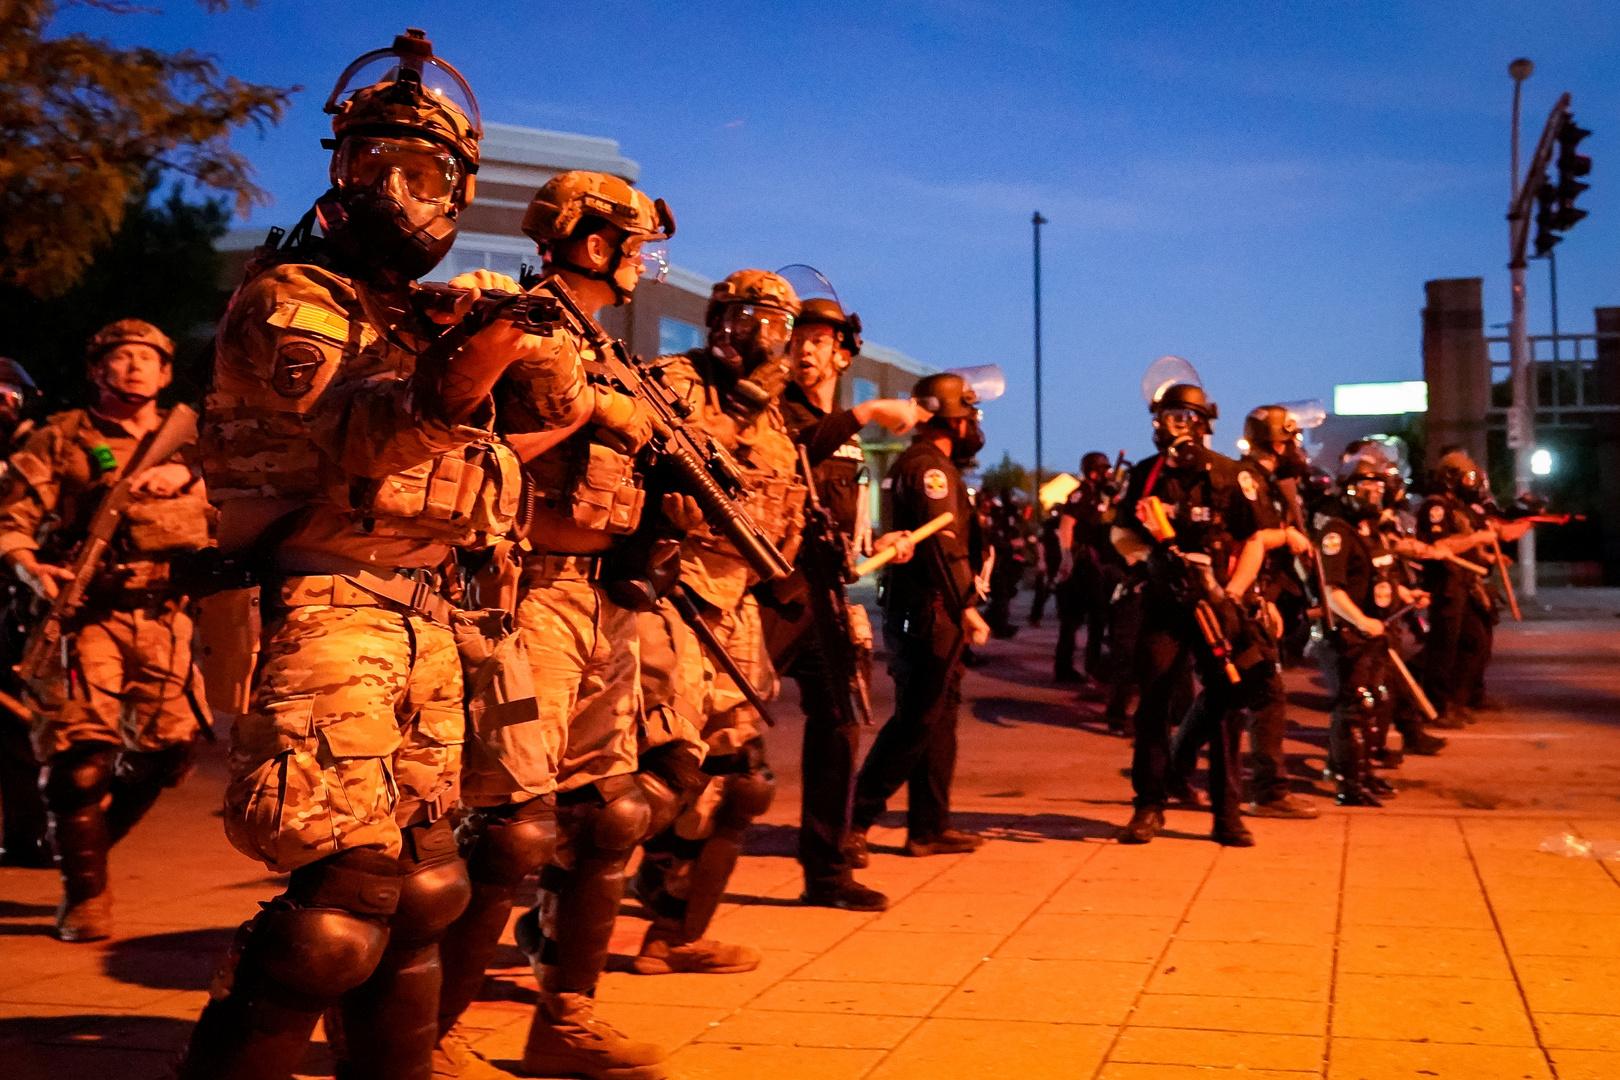 البيت الأبيض: الحكومة الأمريكية سترسل قوات فدرالية إضافية للتعامل مع الاحتجاجات